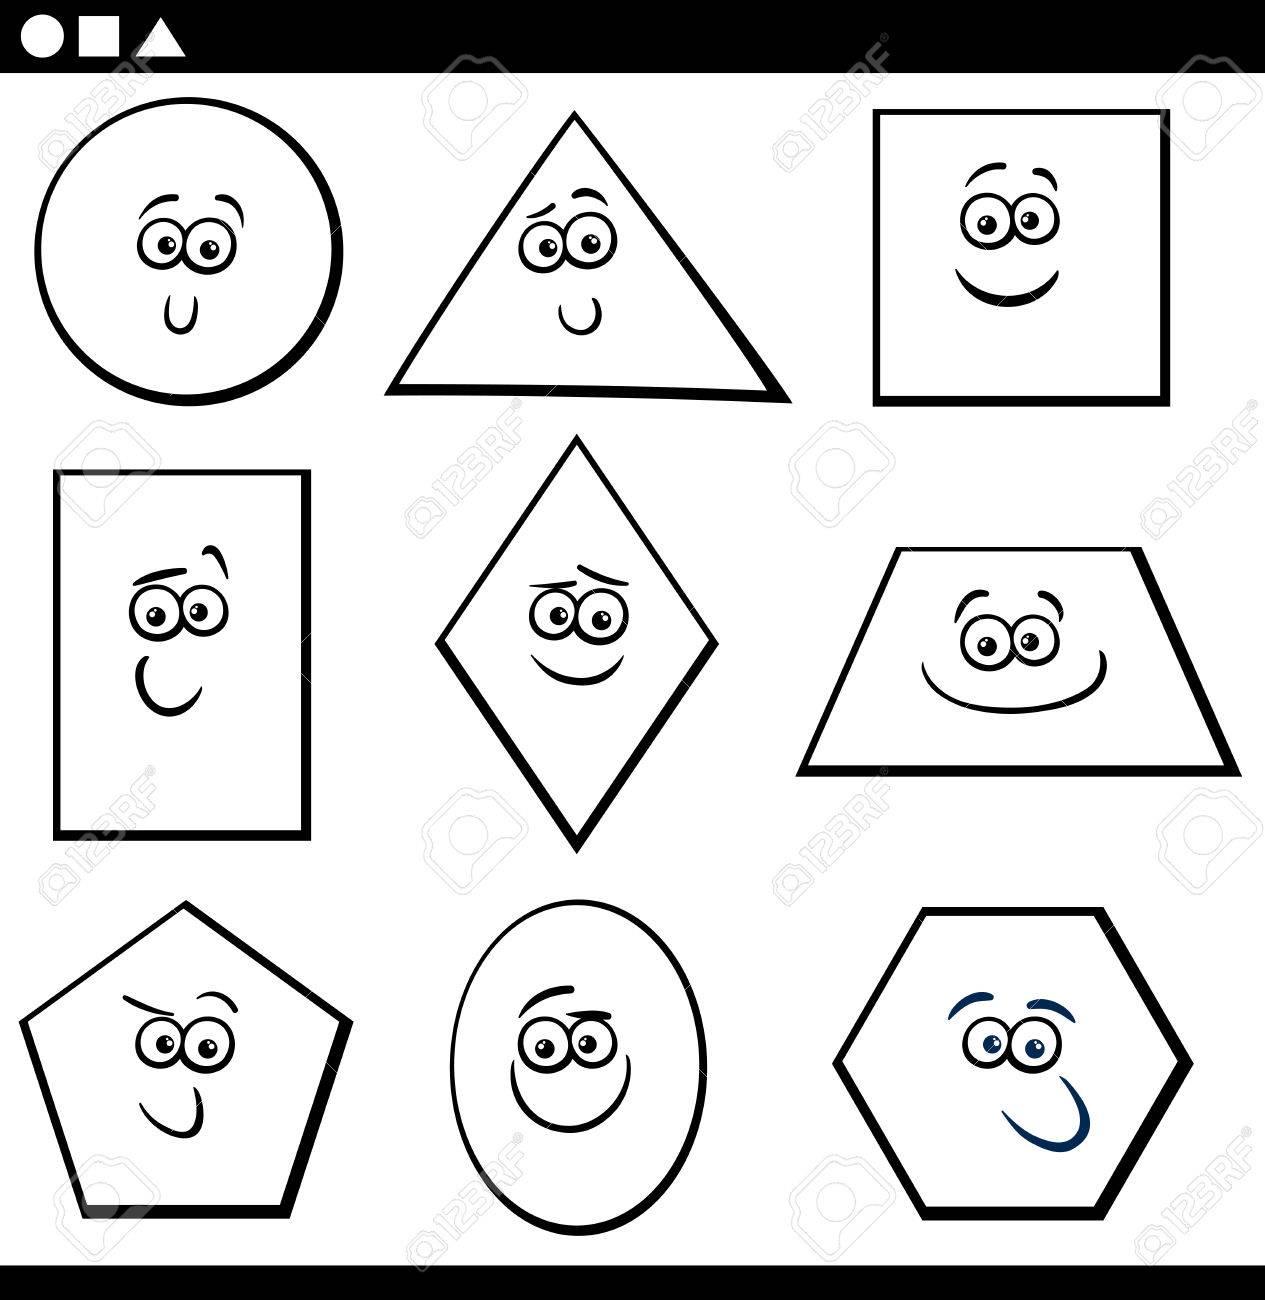 Ilustración De Dibujos Animados En Blanco Y Negro De Formas Geométricas Básicas Educativas Personajes Divertidos Para Niños Para Colorear La Página